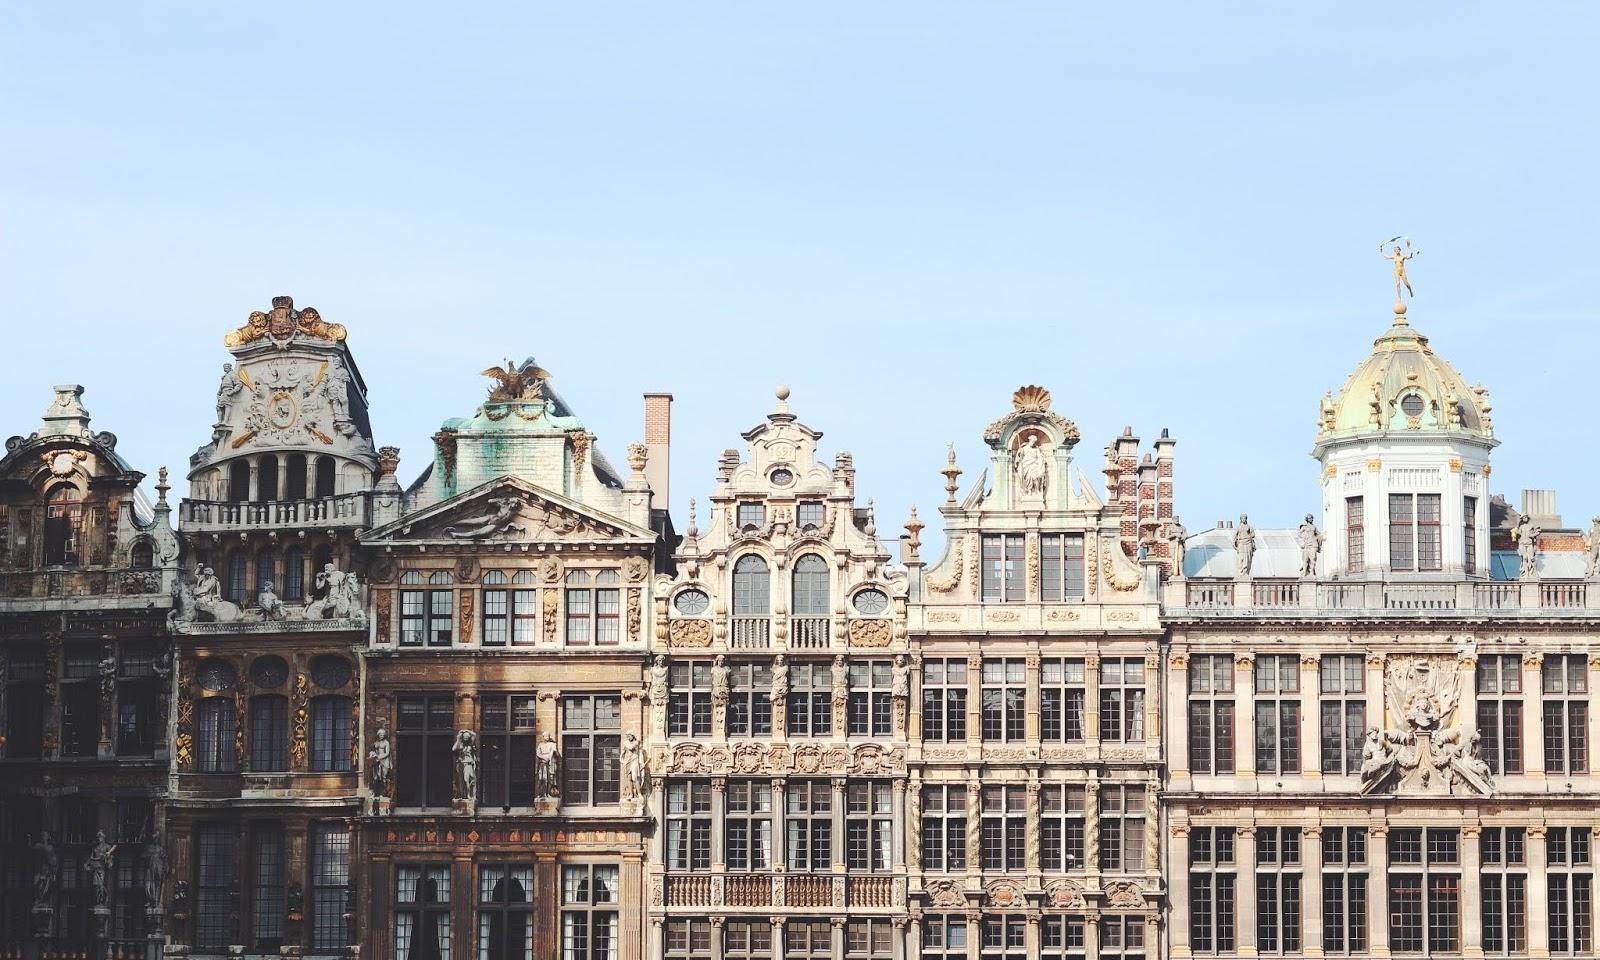 Bruksela // Brussels